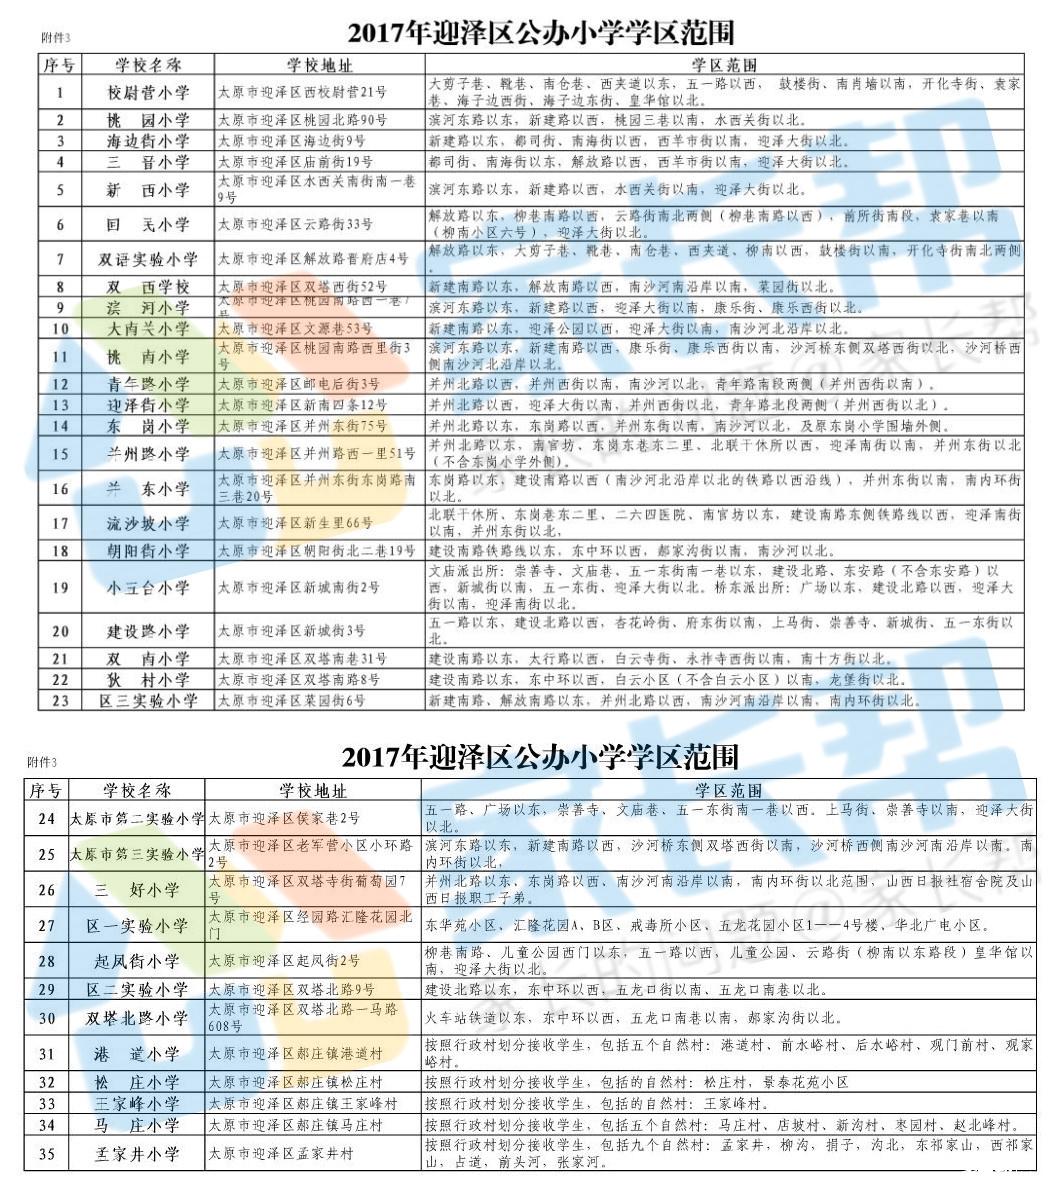 initpintu_副本2.jpg